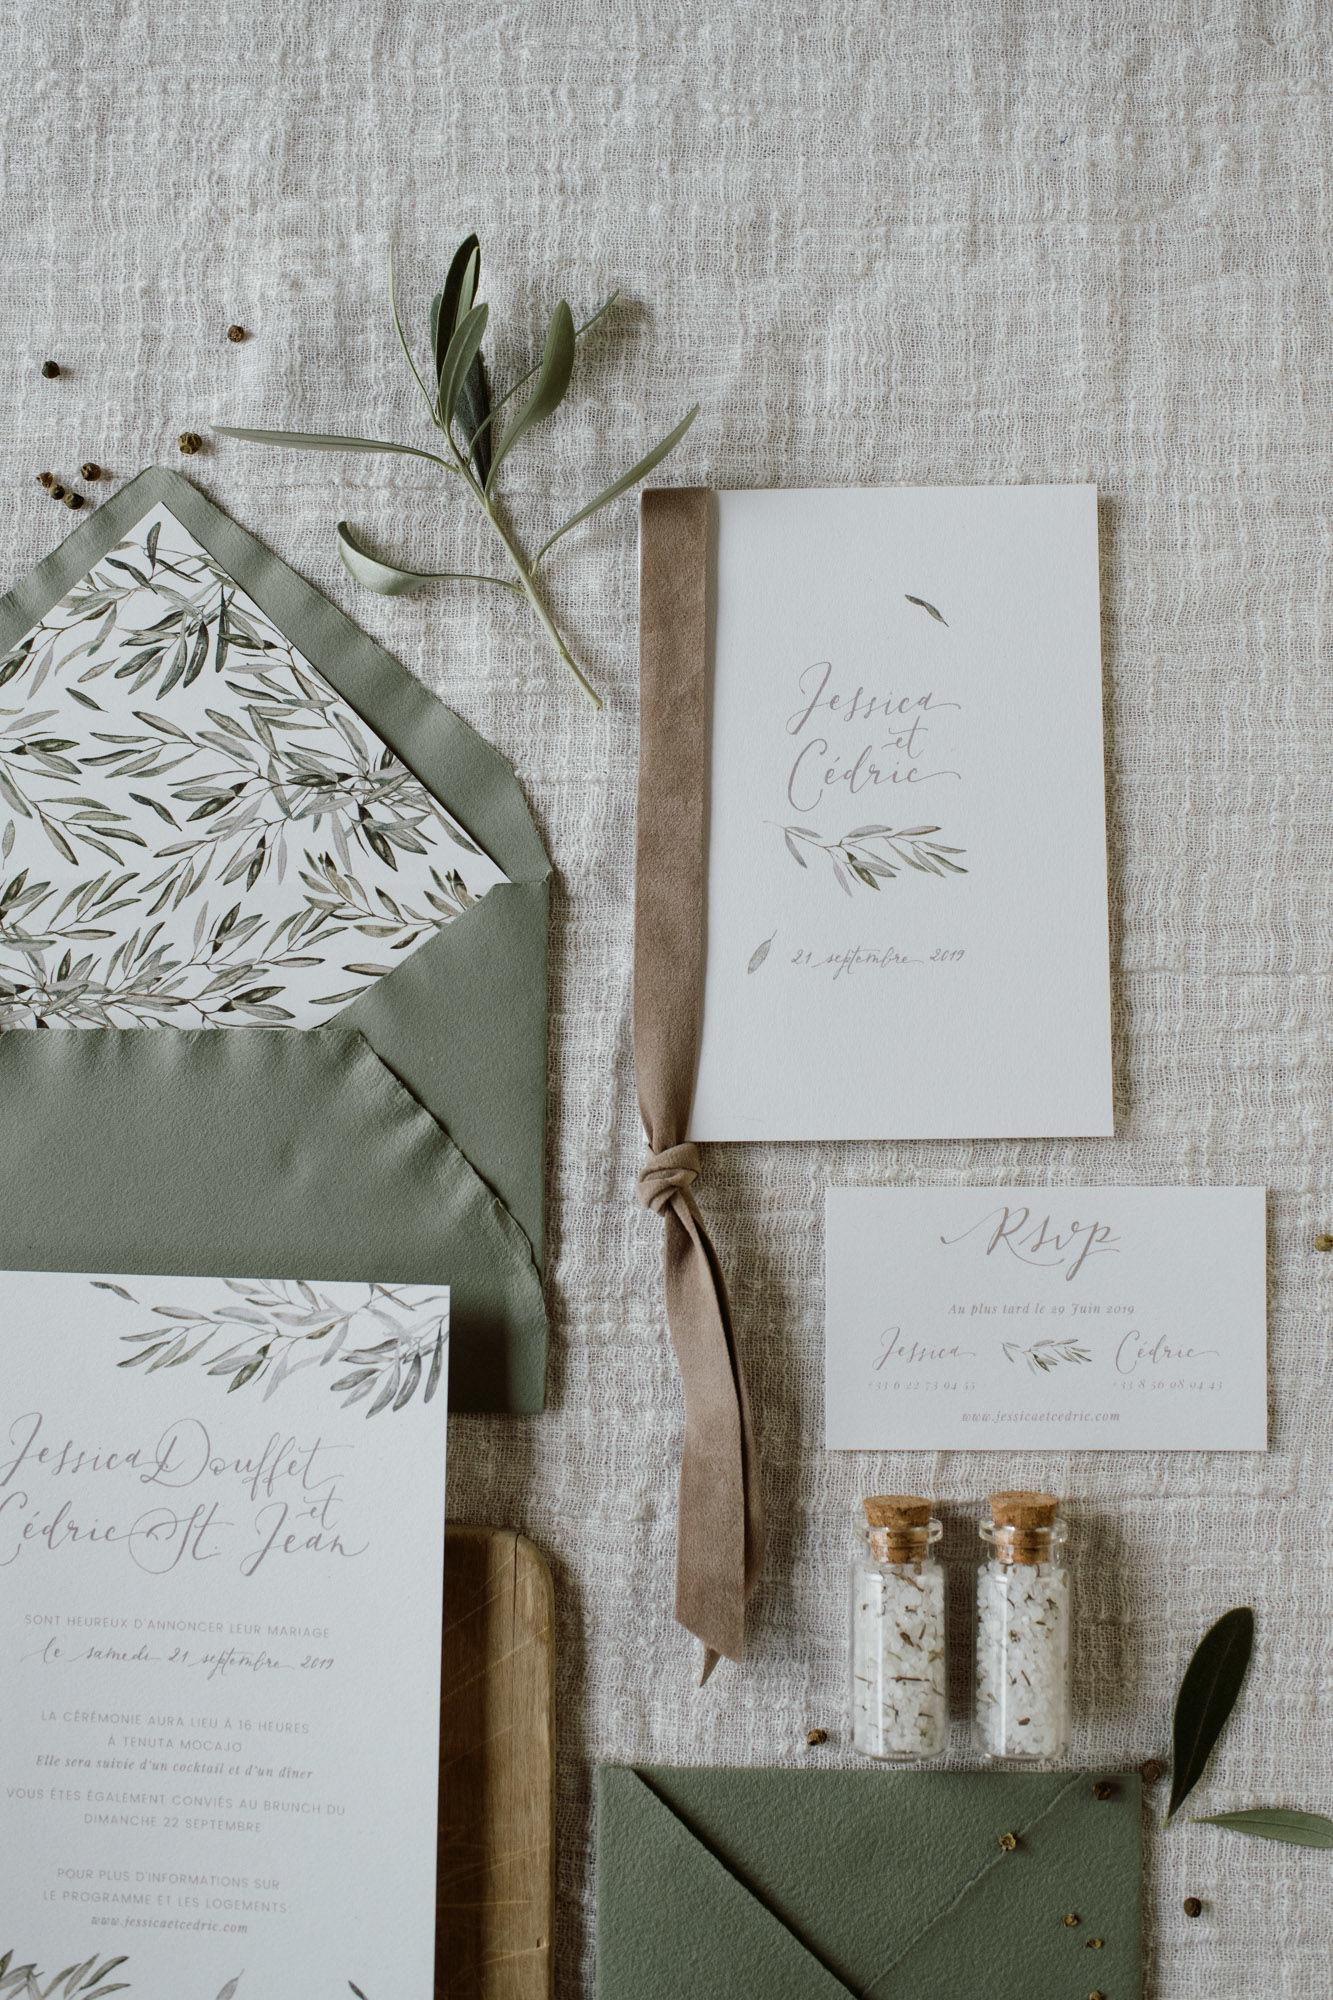 Busta Matrimonio Toscana : Partecipazioni calligrafia inviti matrimonio toscana ulivo 3